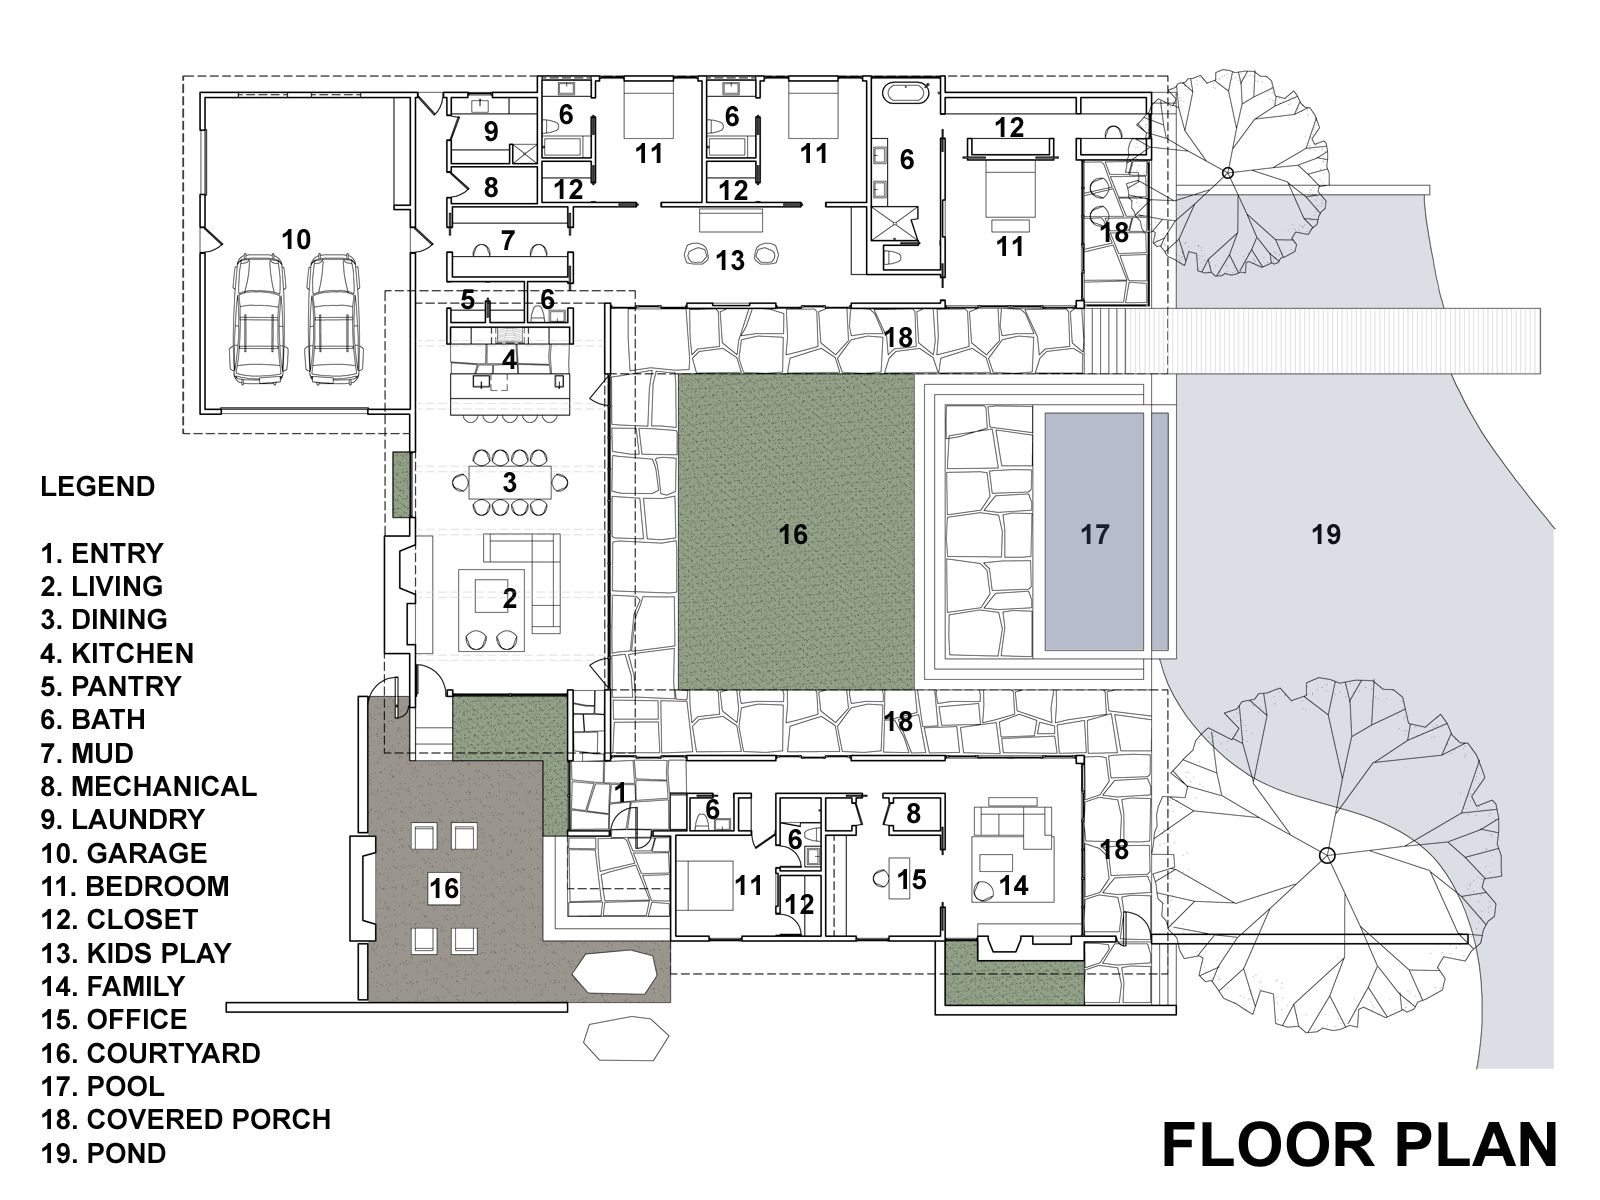 Casa de un piso con cuatro dormitorios construye hogar for Plano casa un piso